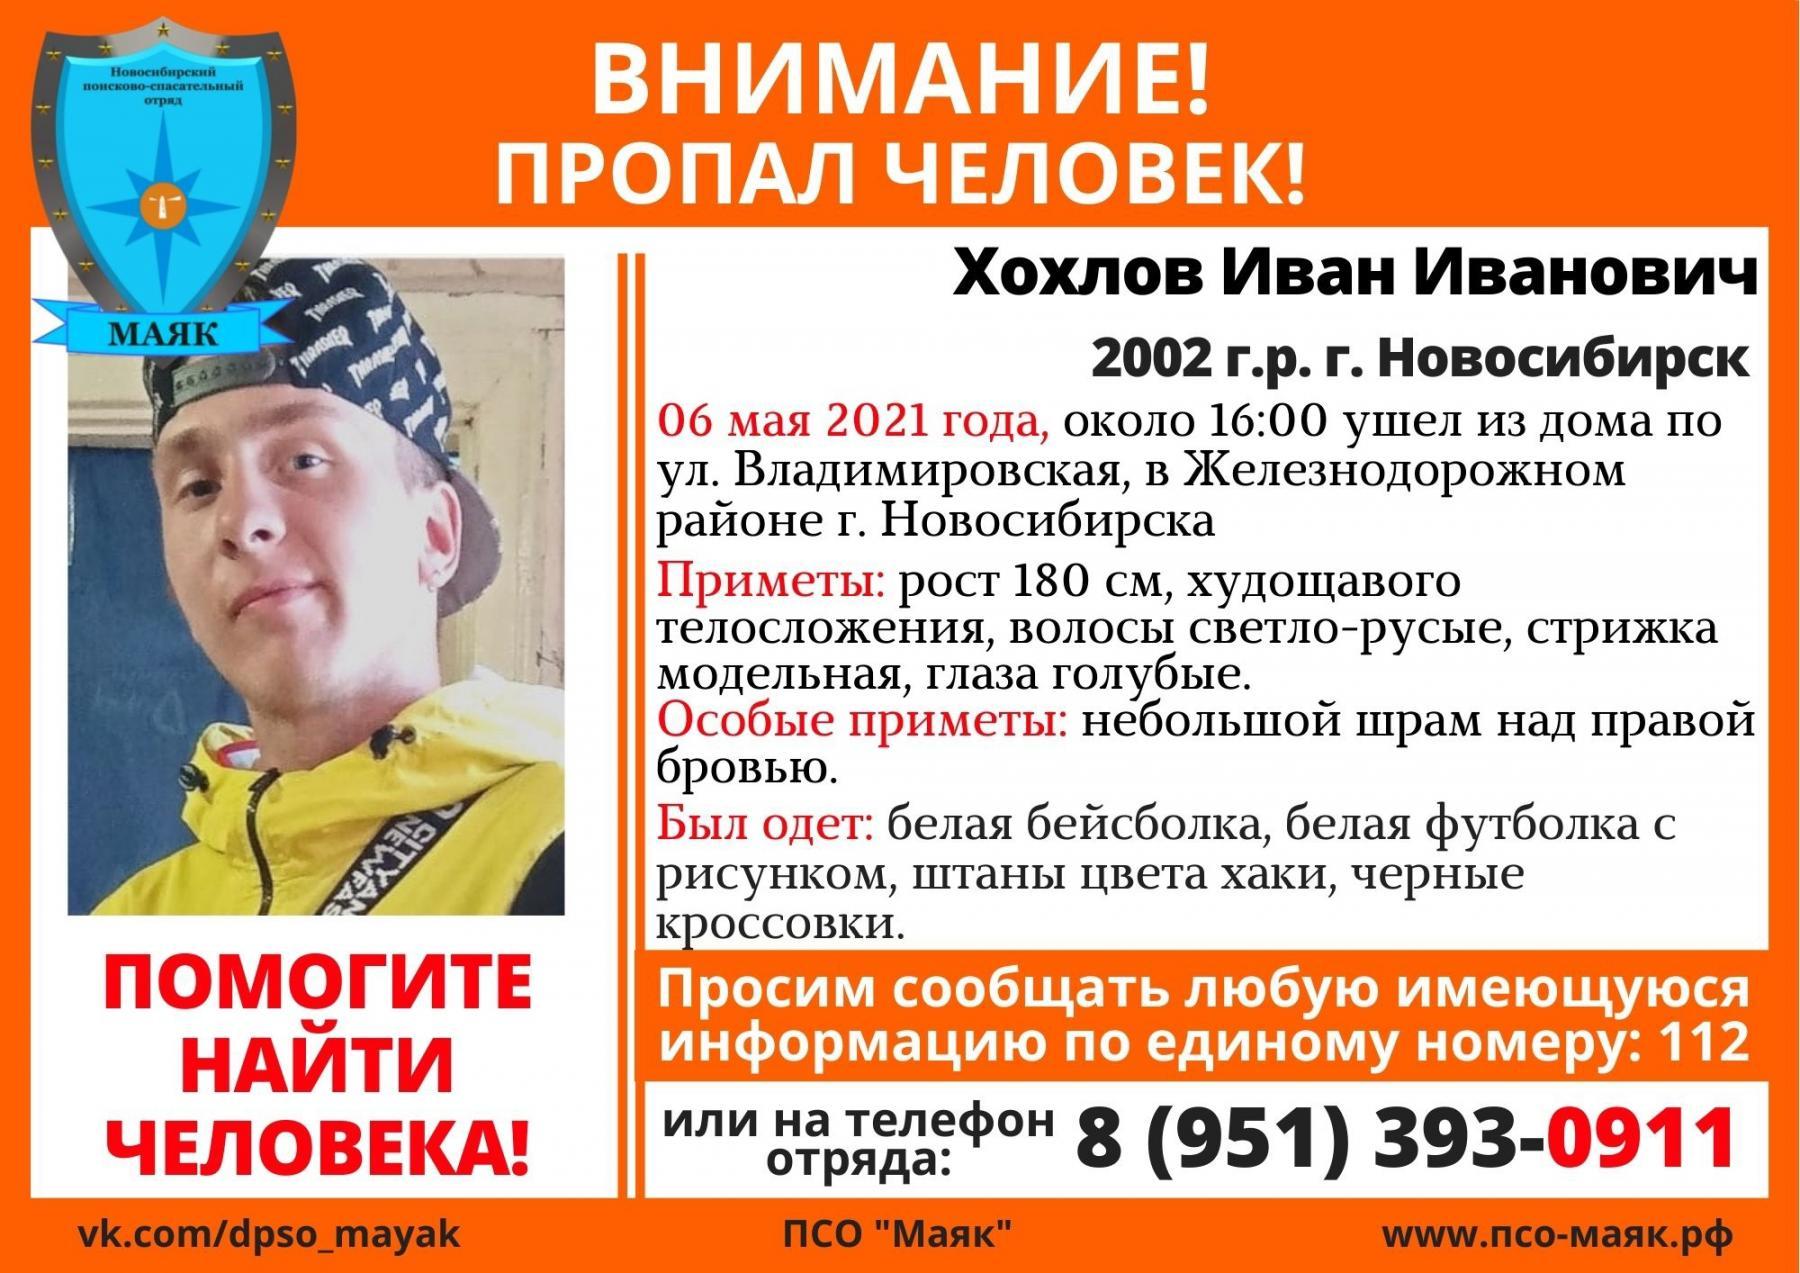 фото 19-летний парень с модельной стрижкой пропал в Новосибирске 2